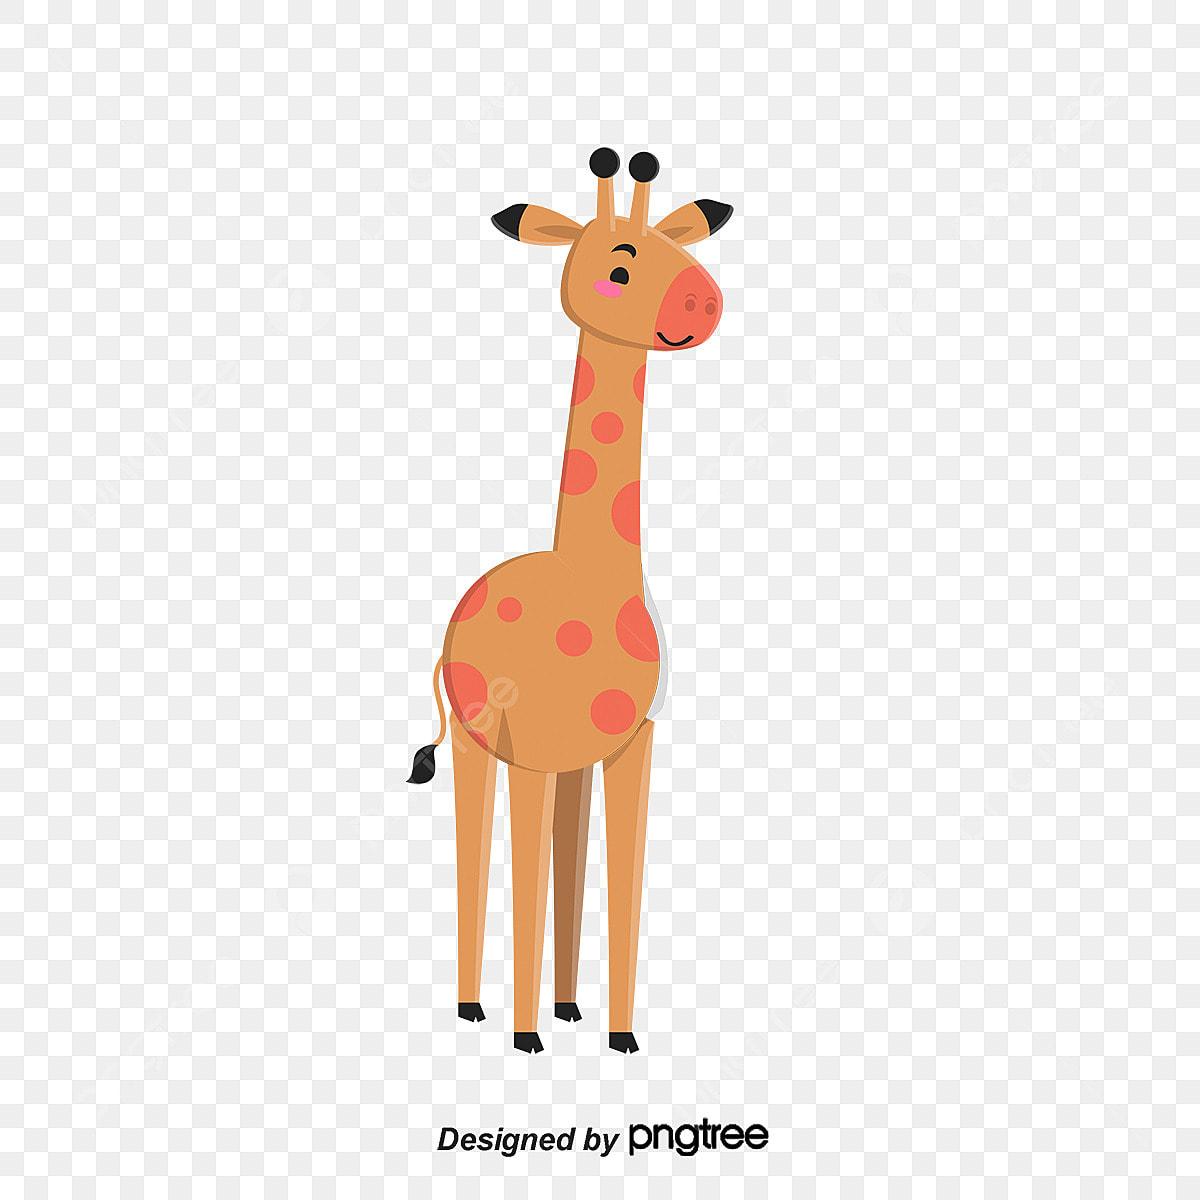 A Girafa A Girafa Girafa Dos Desenhos Animados Vetor De Girafa